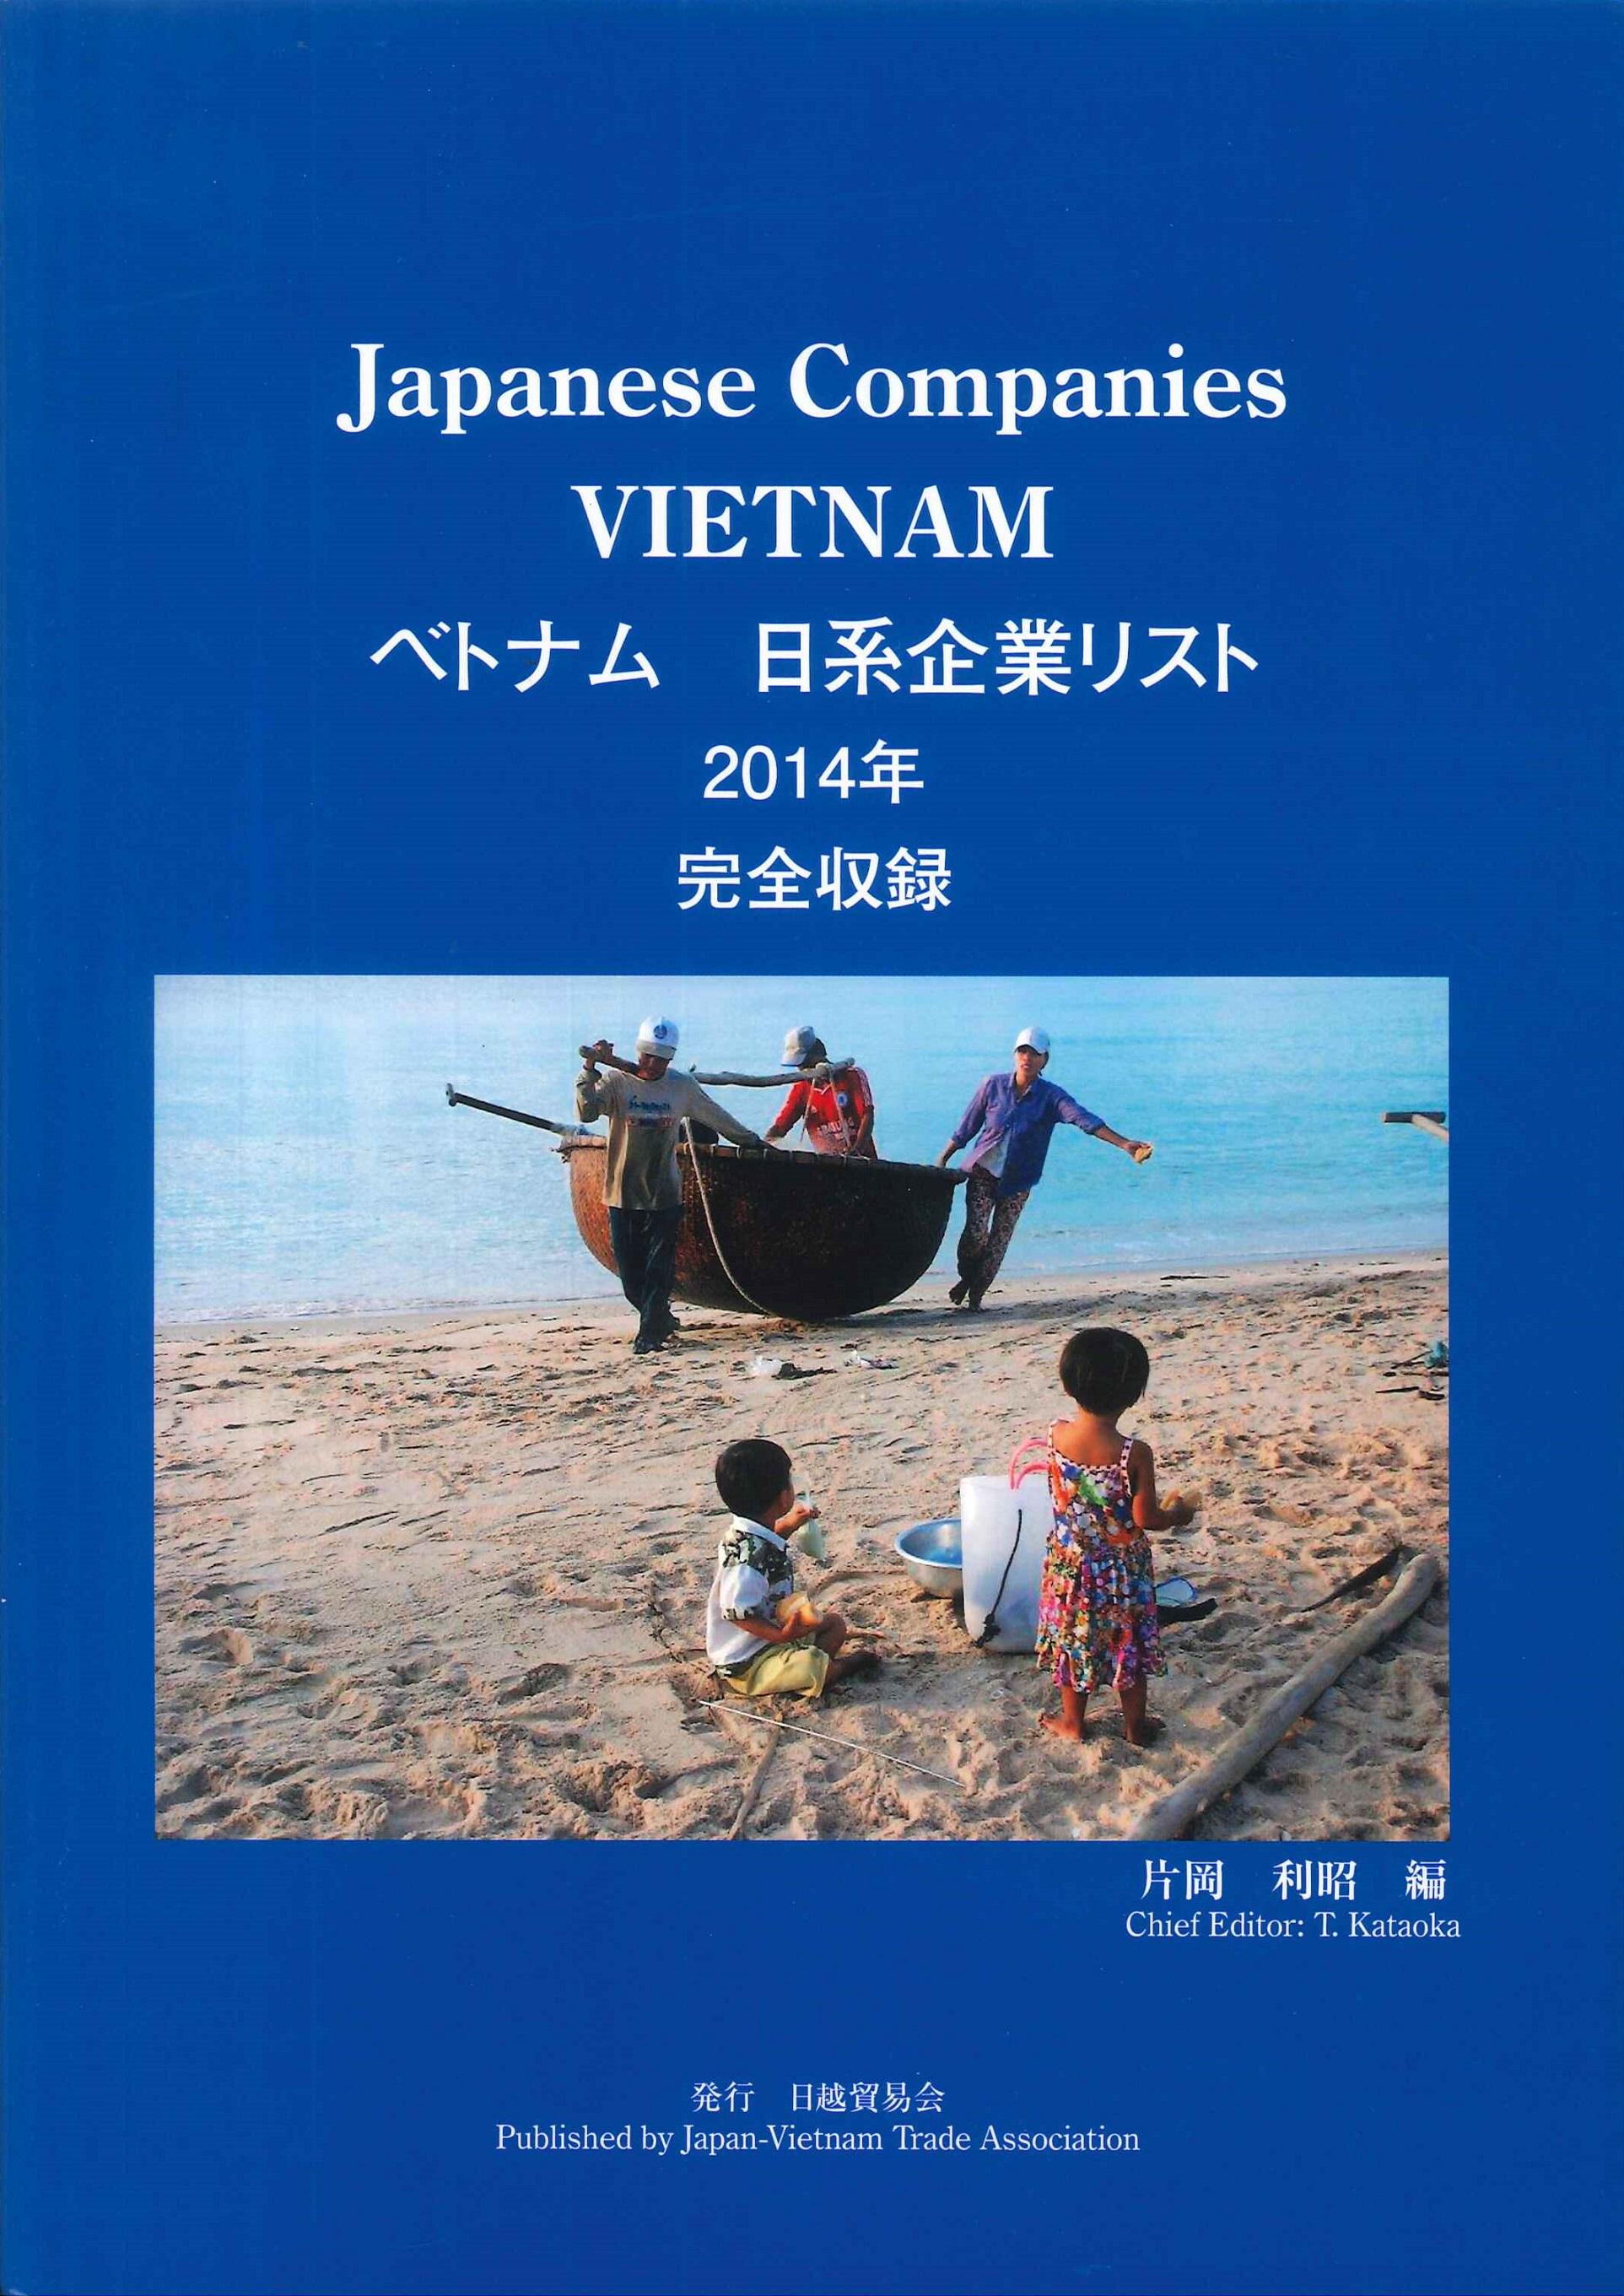 ベトナム日系企業リスト.2014年:完全収録=The list of Japanese companies Vietnam